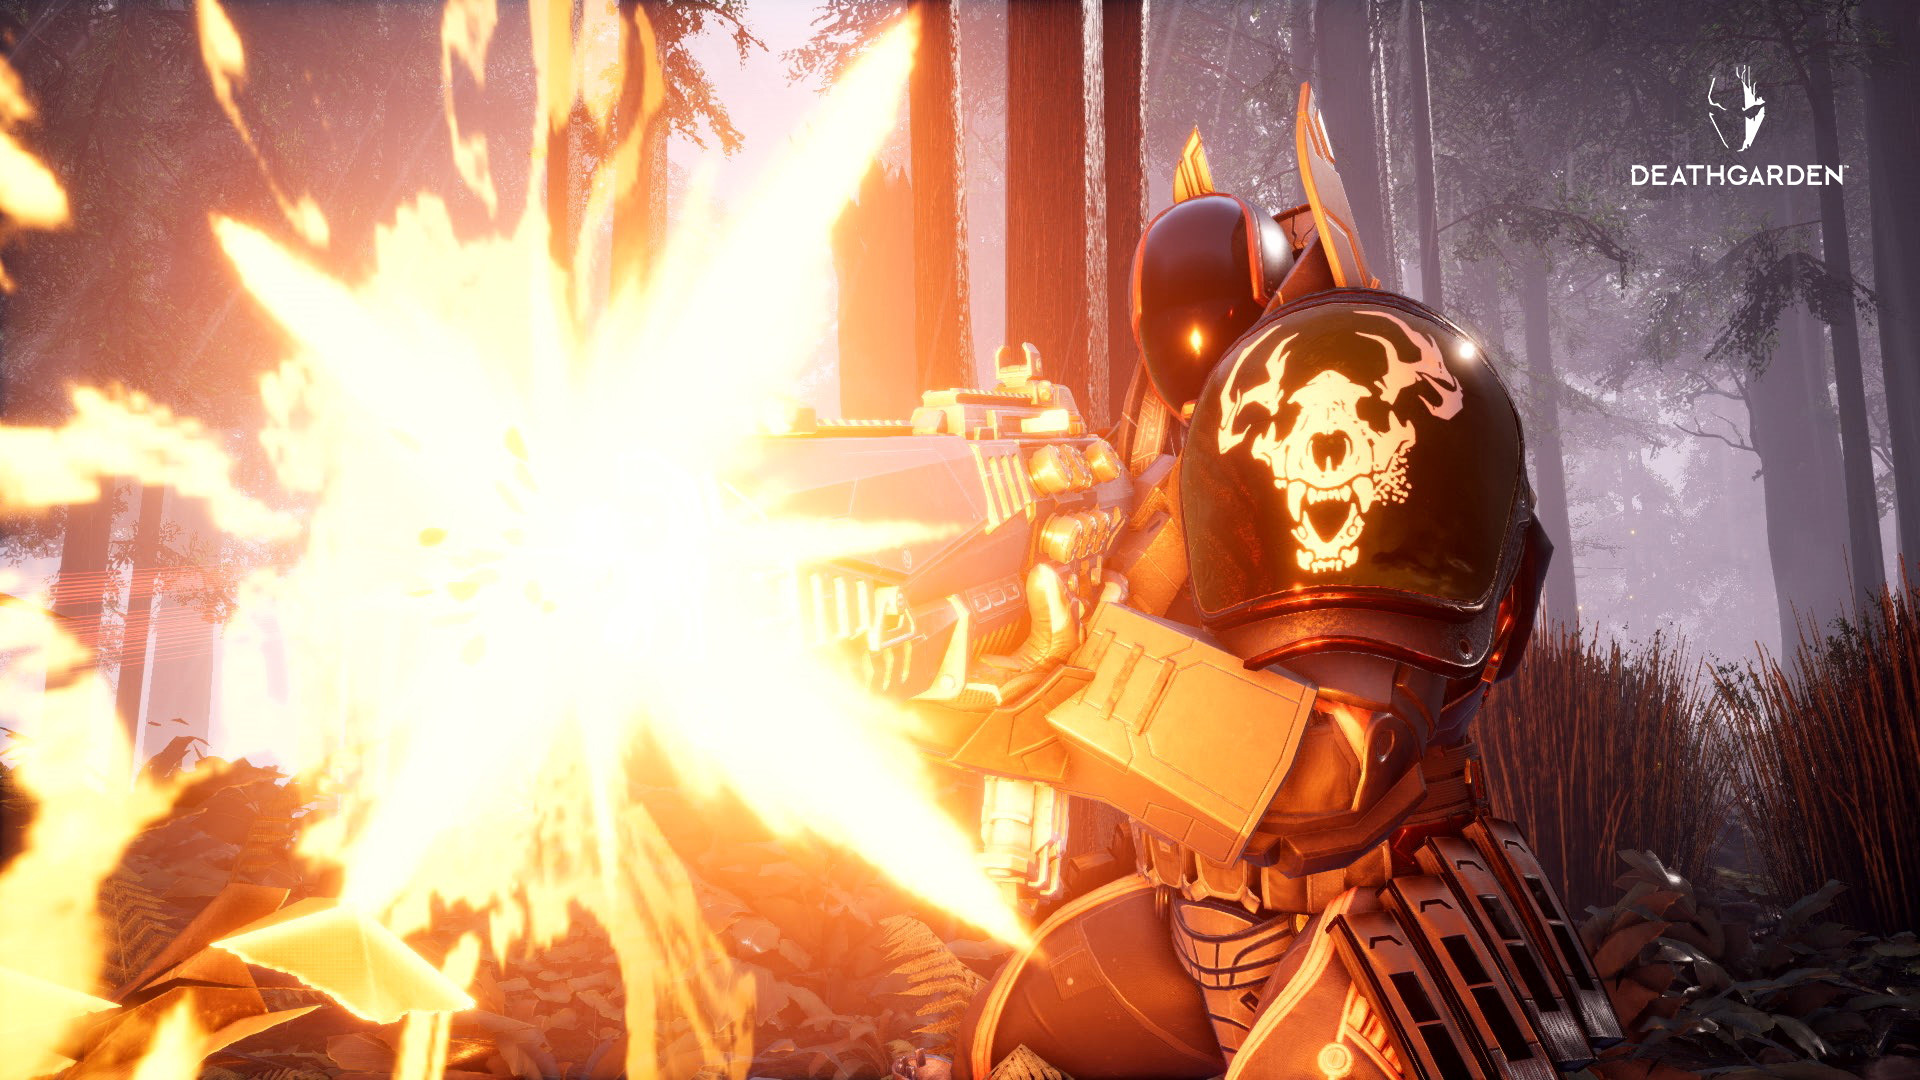 Альфа-тестирование новой игры от создателей Dead By Daylight начинается завтра. Открыта регистрация